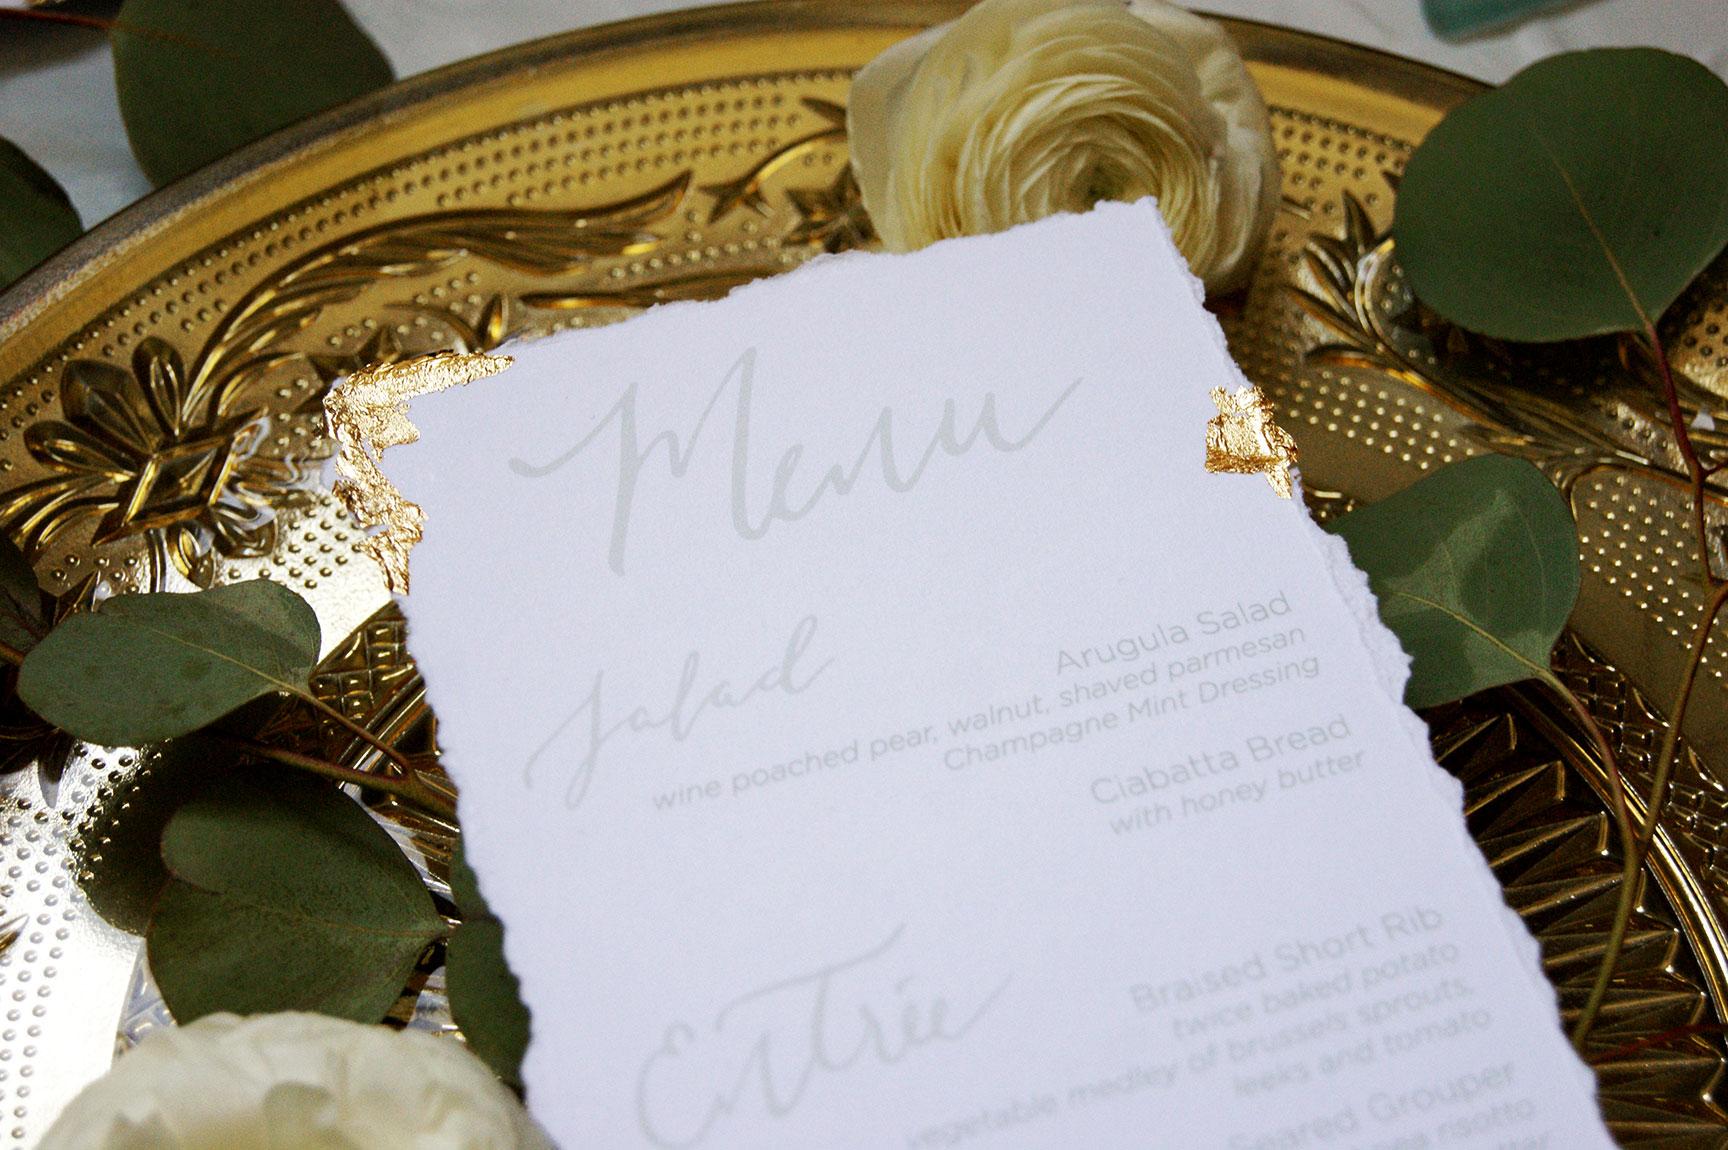 Kiawah Island Wedding Menu Detail